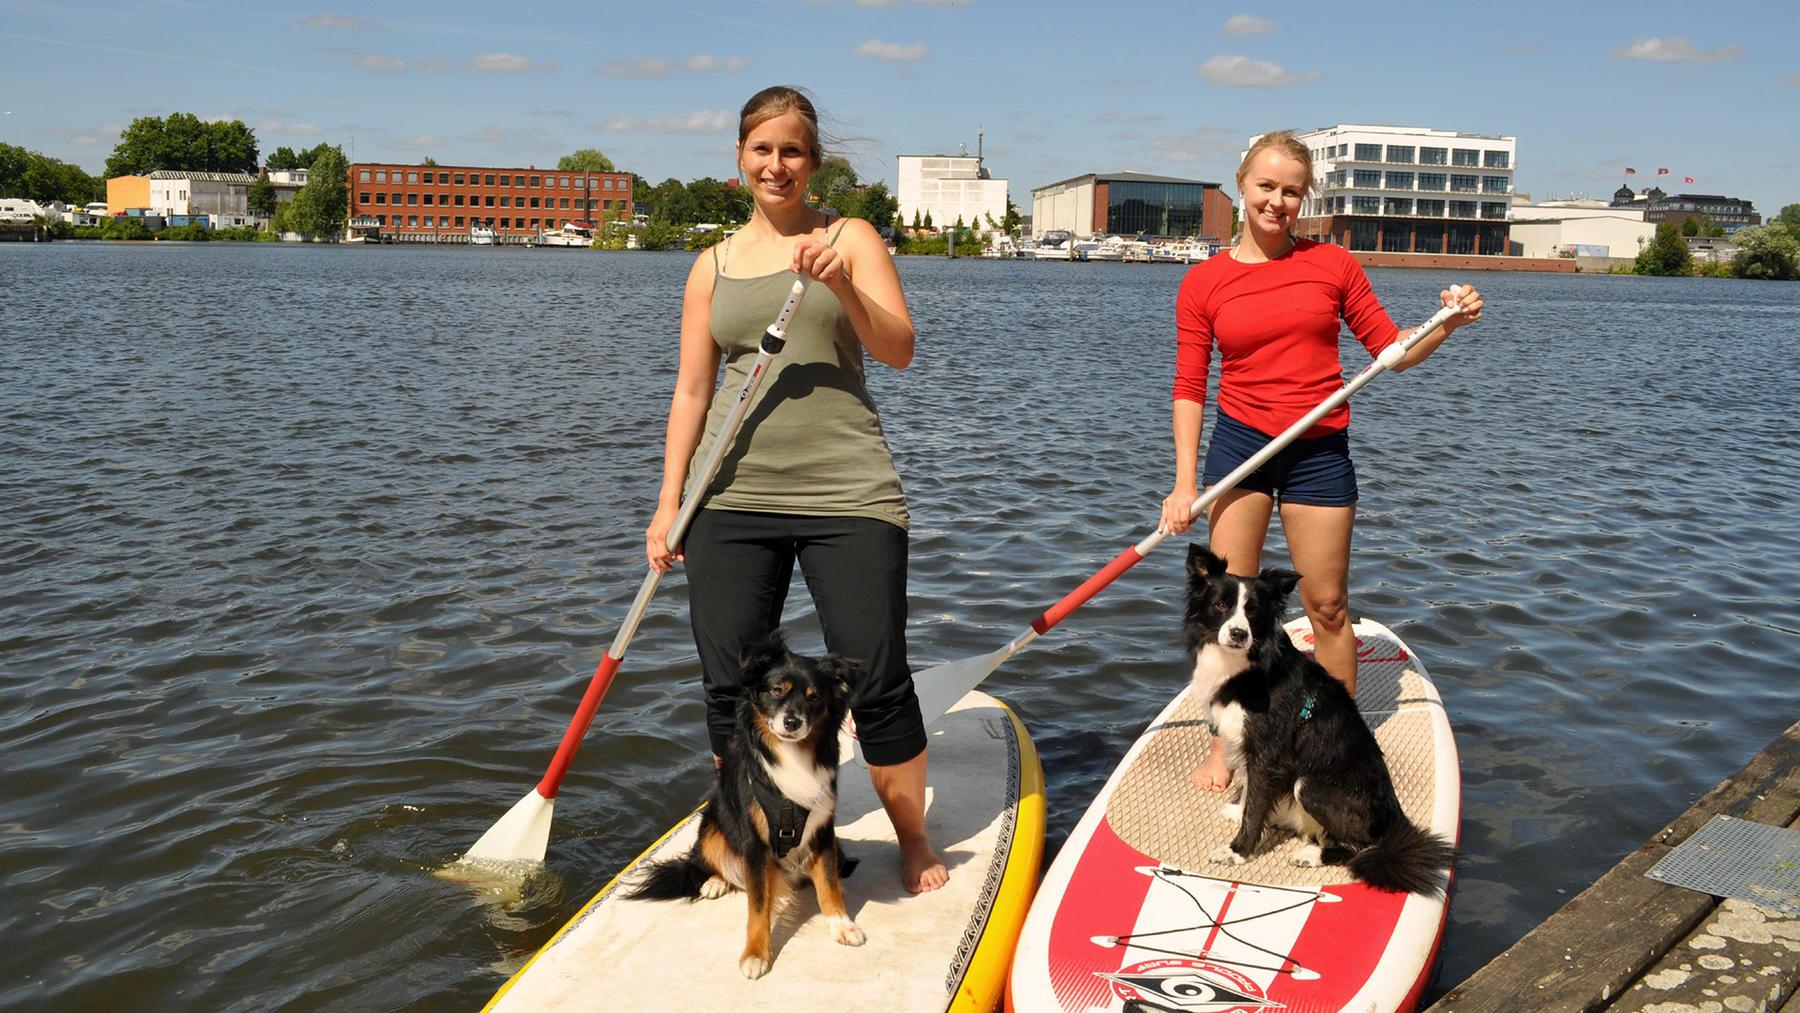 Thema heute u.a.: Stand UP Paddling mit Hund